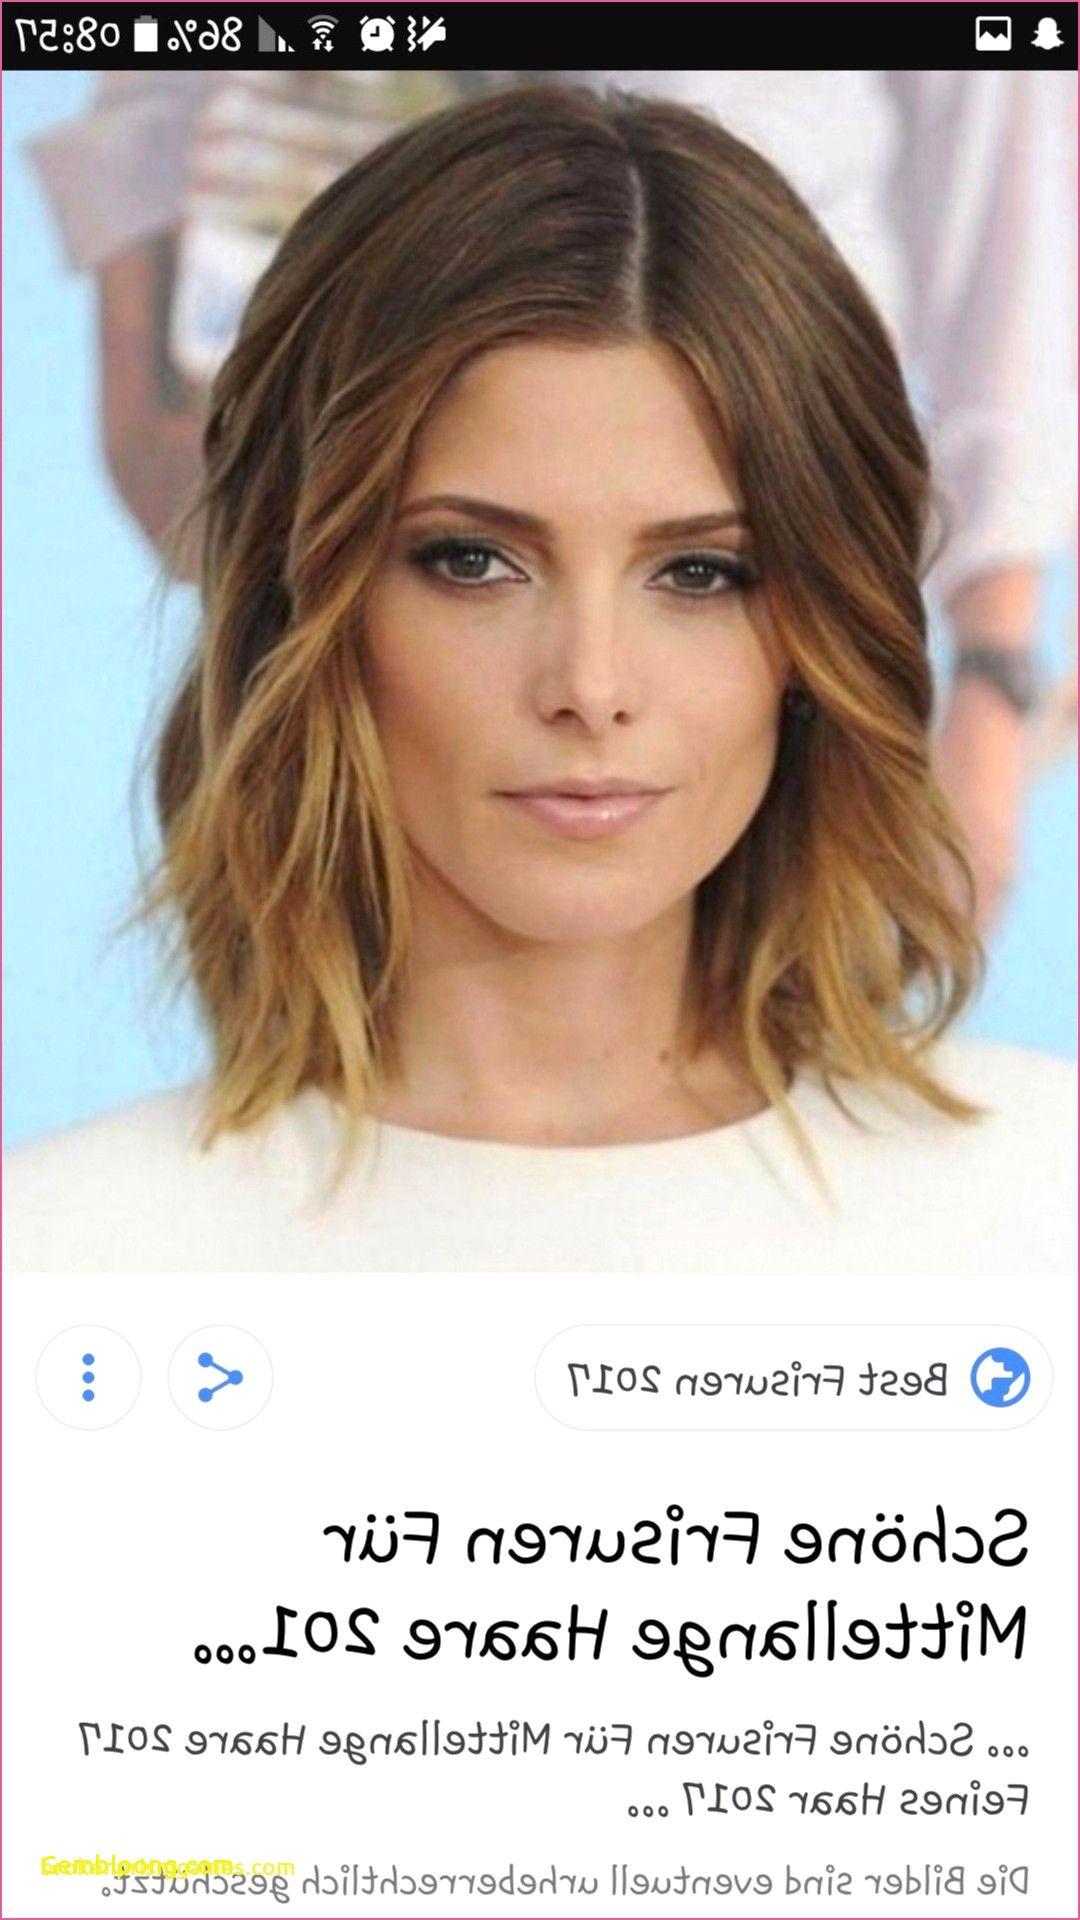 Frisuren Mittellang Stufig 2020 Idees Cheveux Longs Idees De Coiffures Cheveux Fins